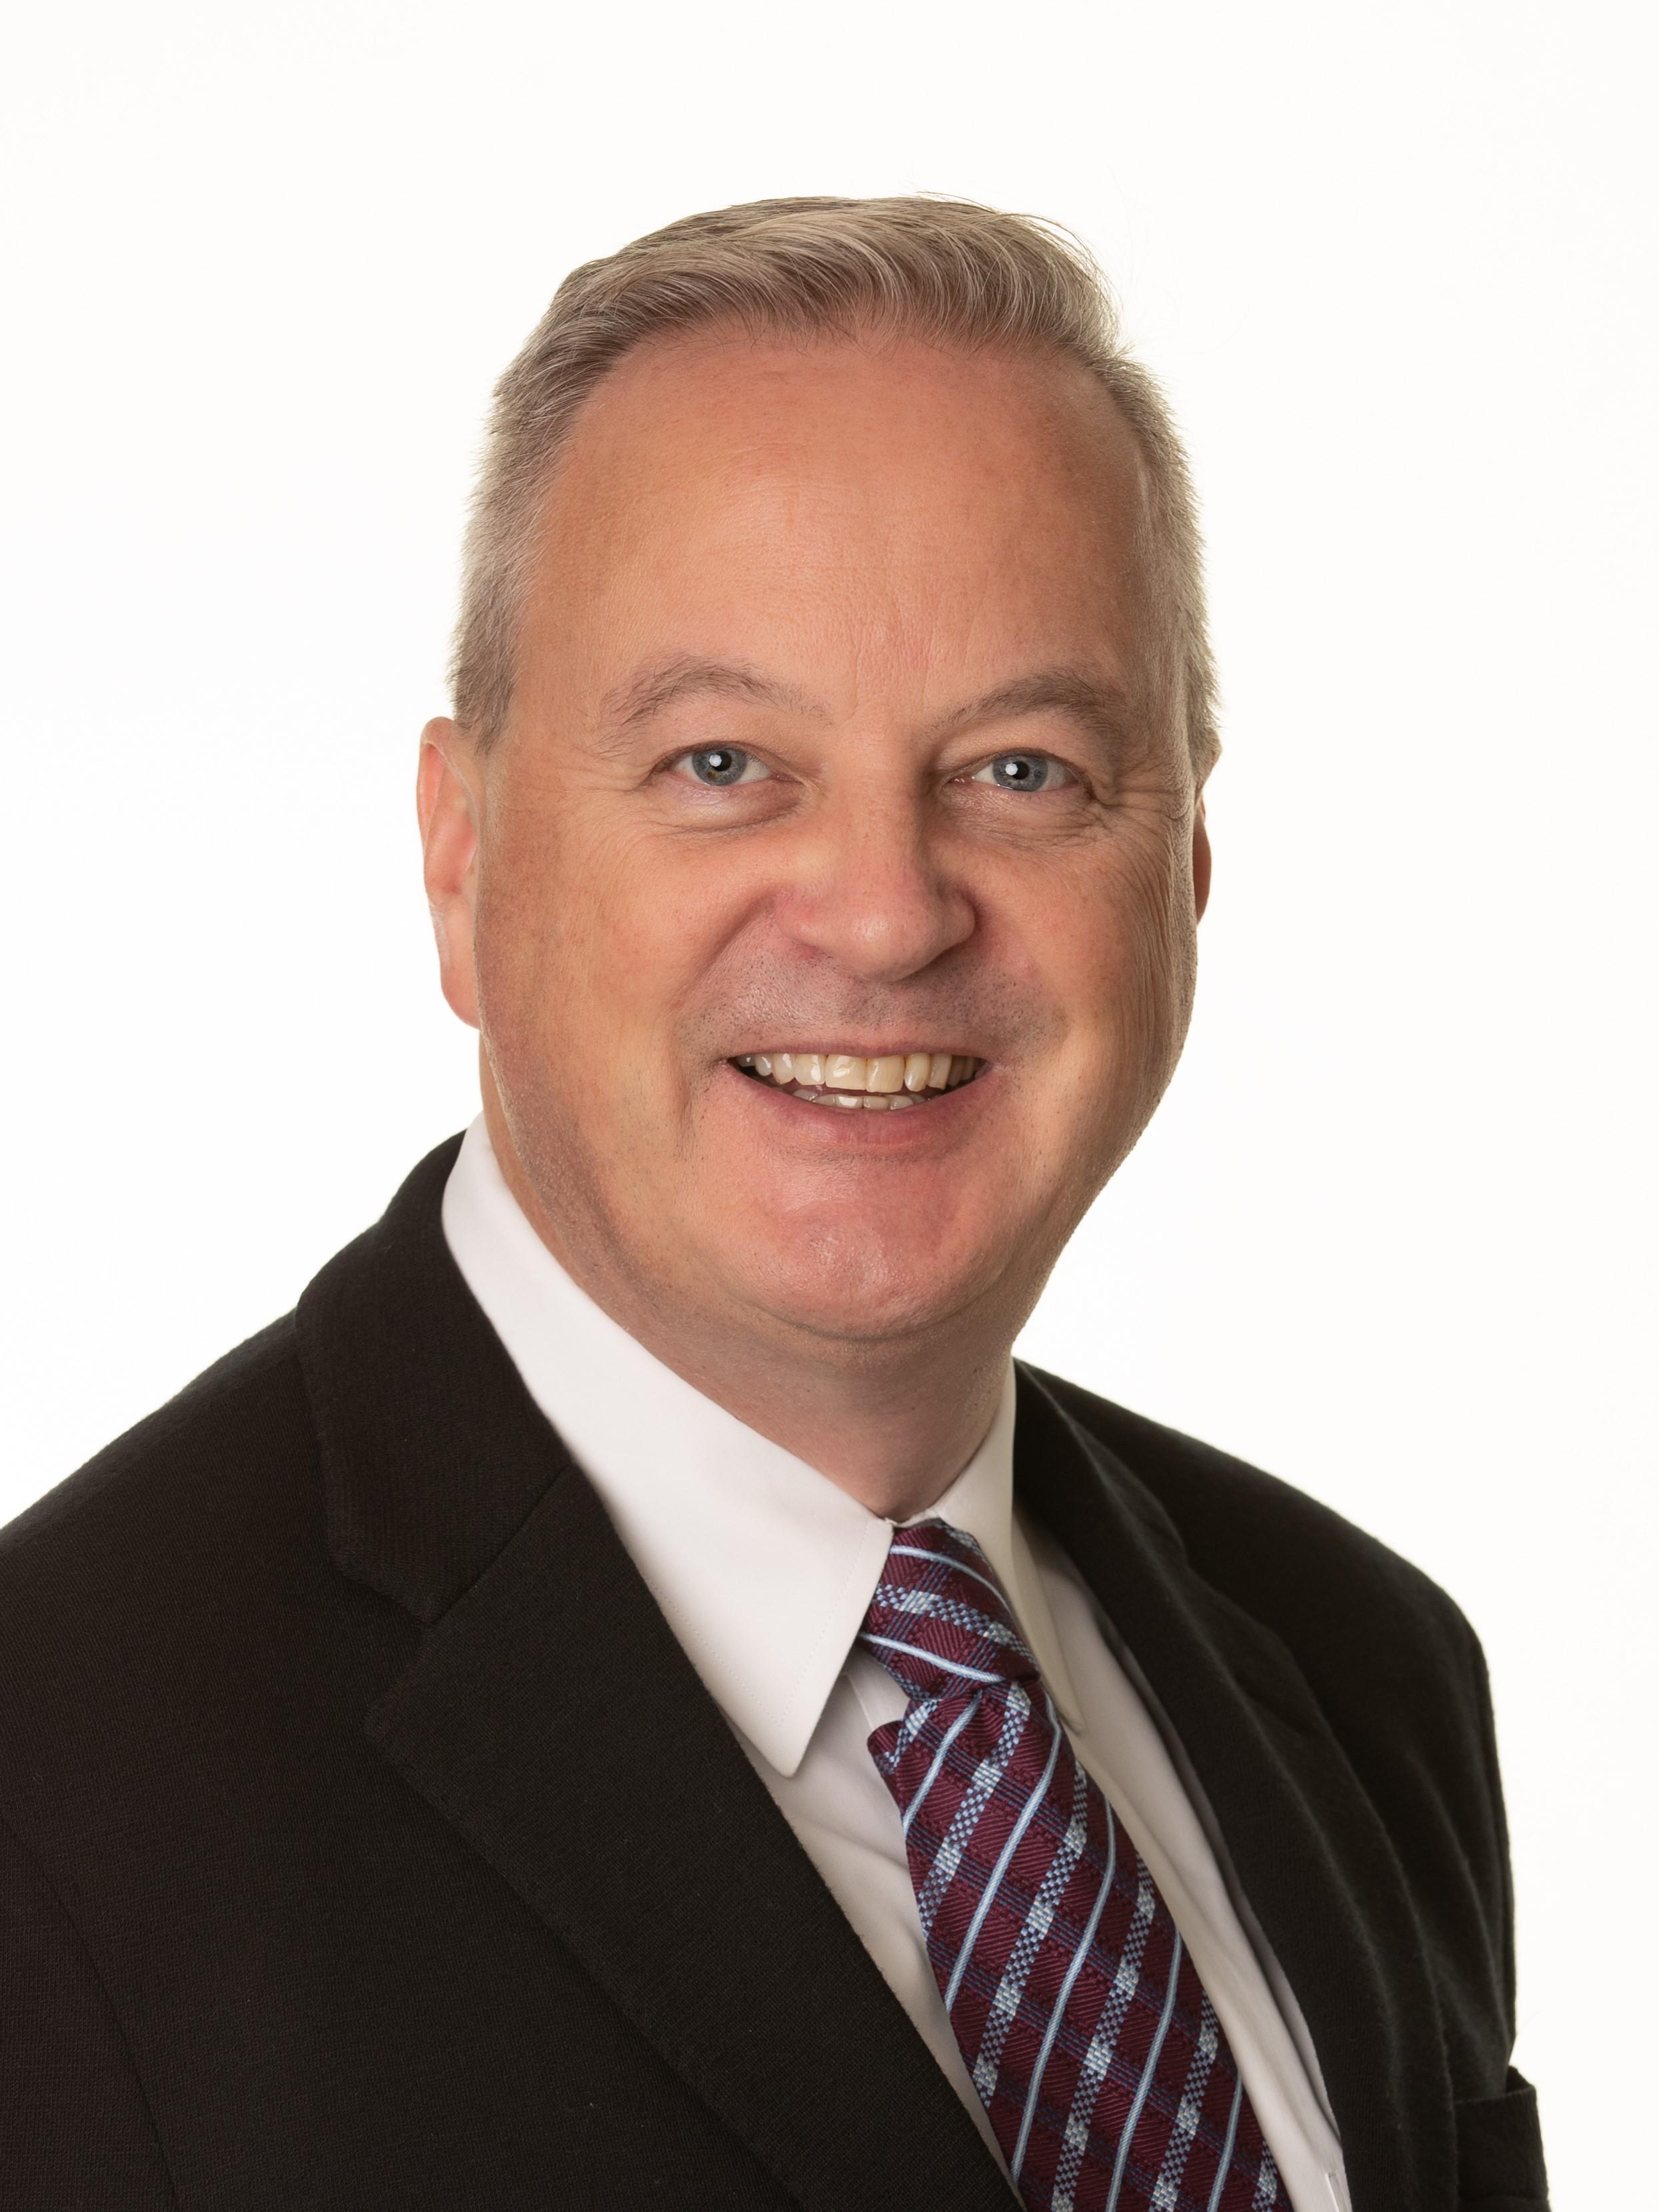 Brian Detlor